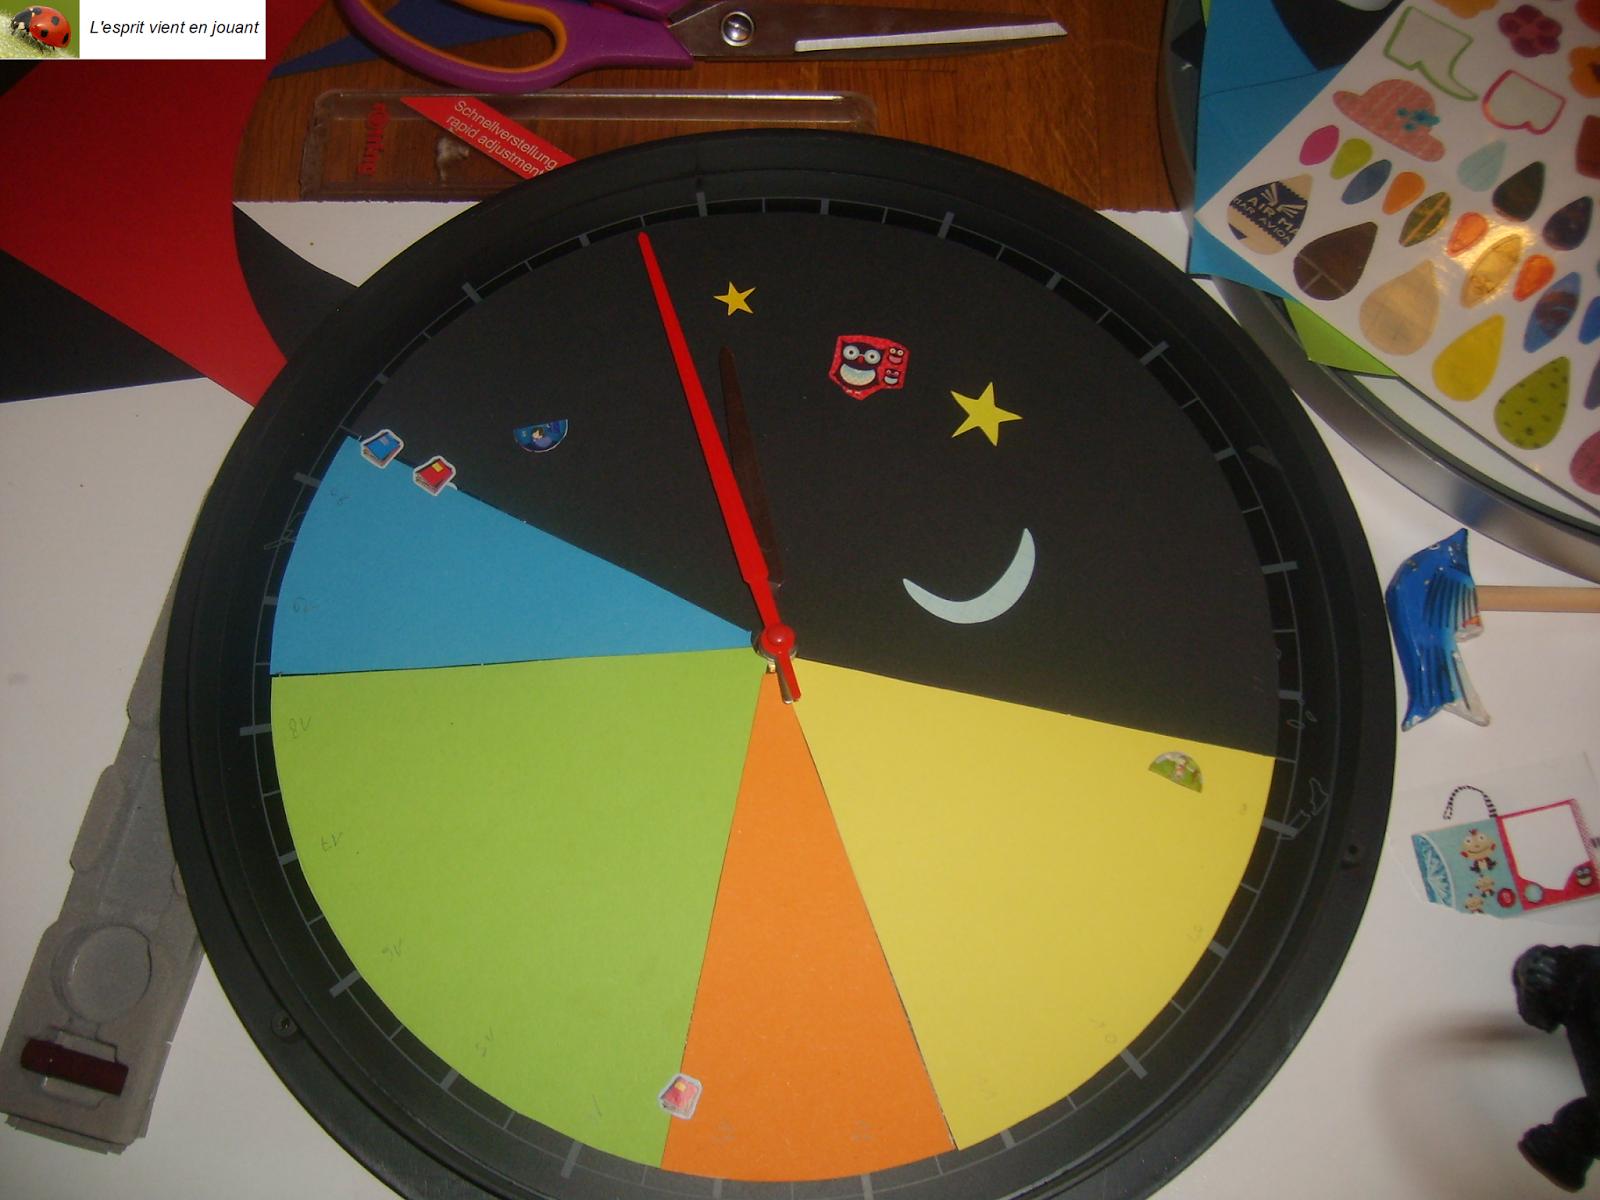 des id es de bricolages de loisirs cr atifs de patouille de cuisine pour les enfants pour. Black Bedroom Furniture Sets. Home Design Ideas